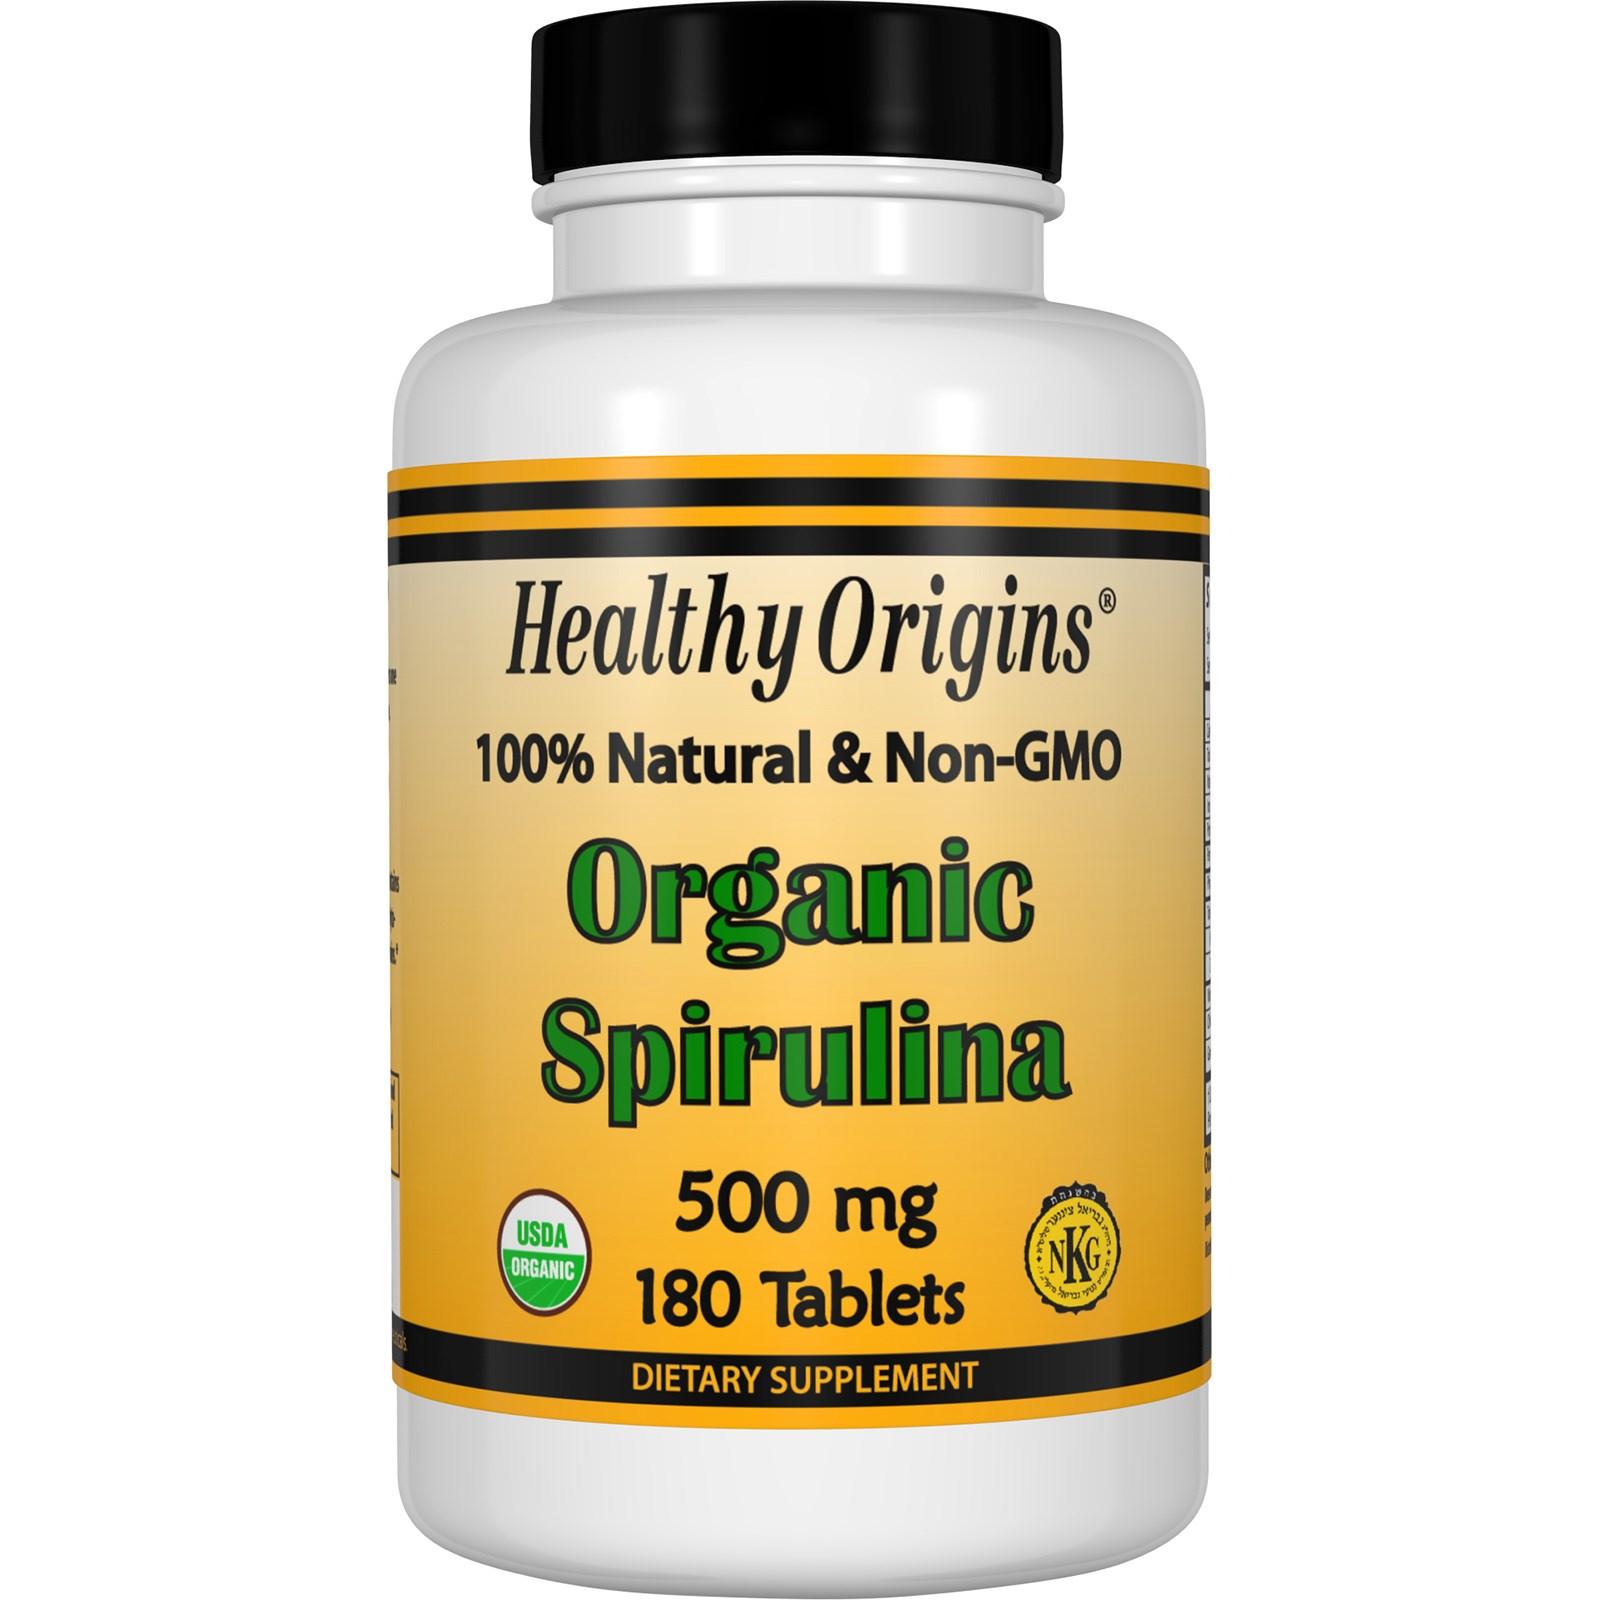 Органическая спирулина, 500 мг в таблетках от Healthy Origins (180 штук)